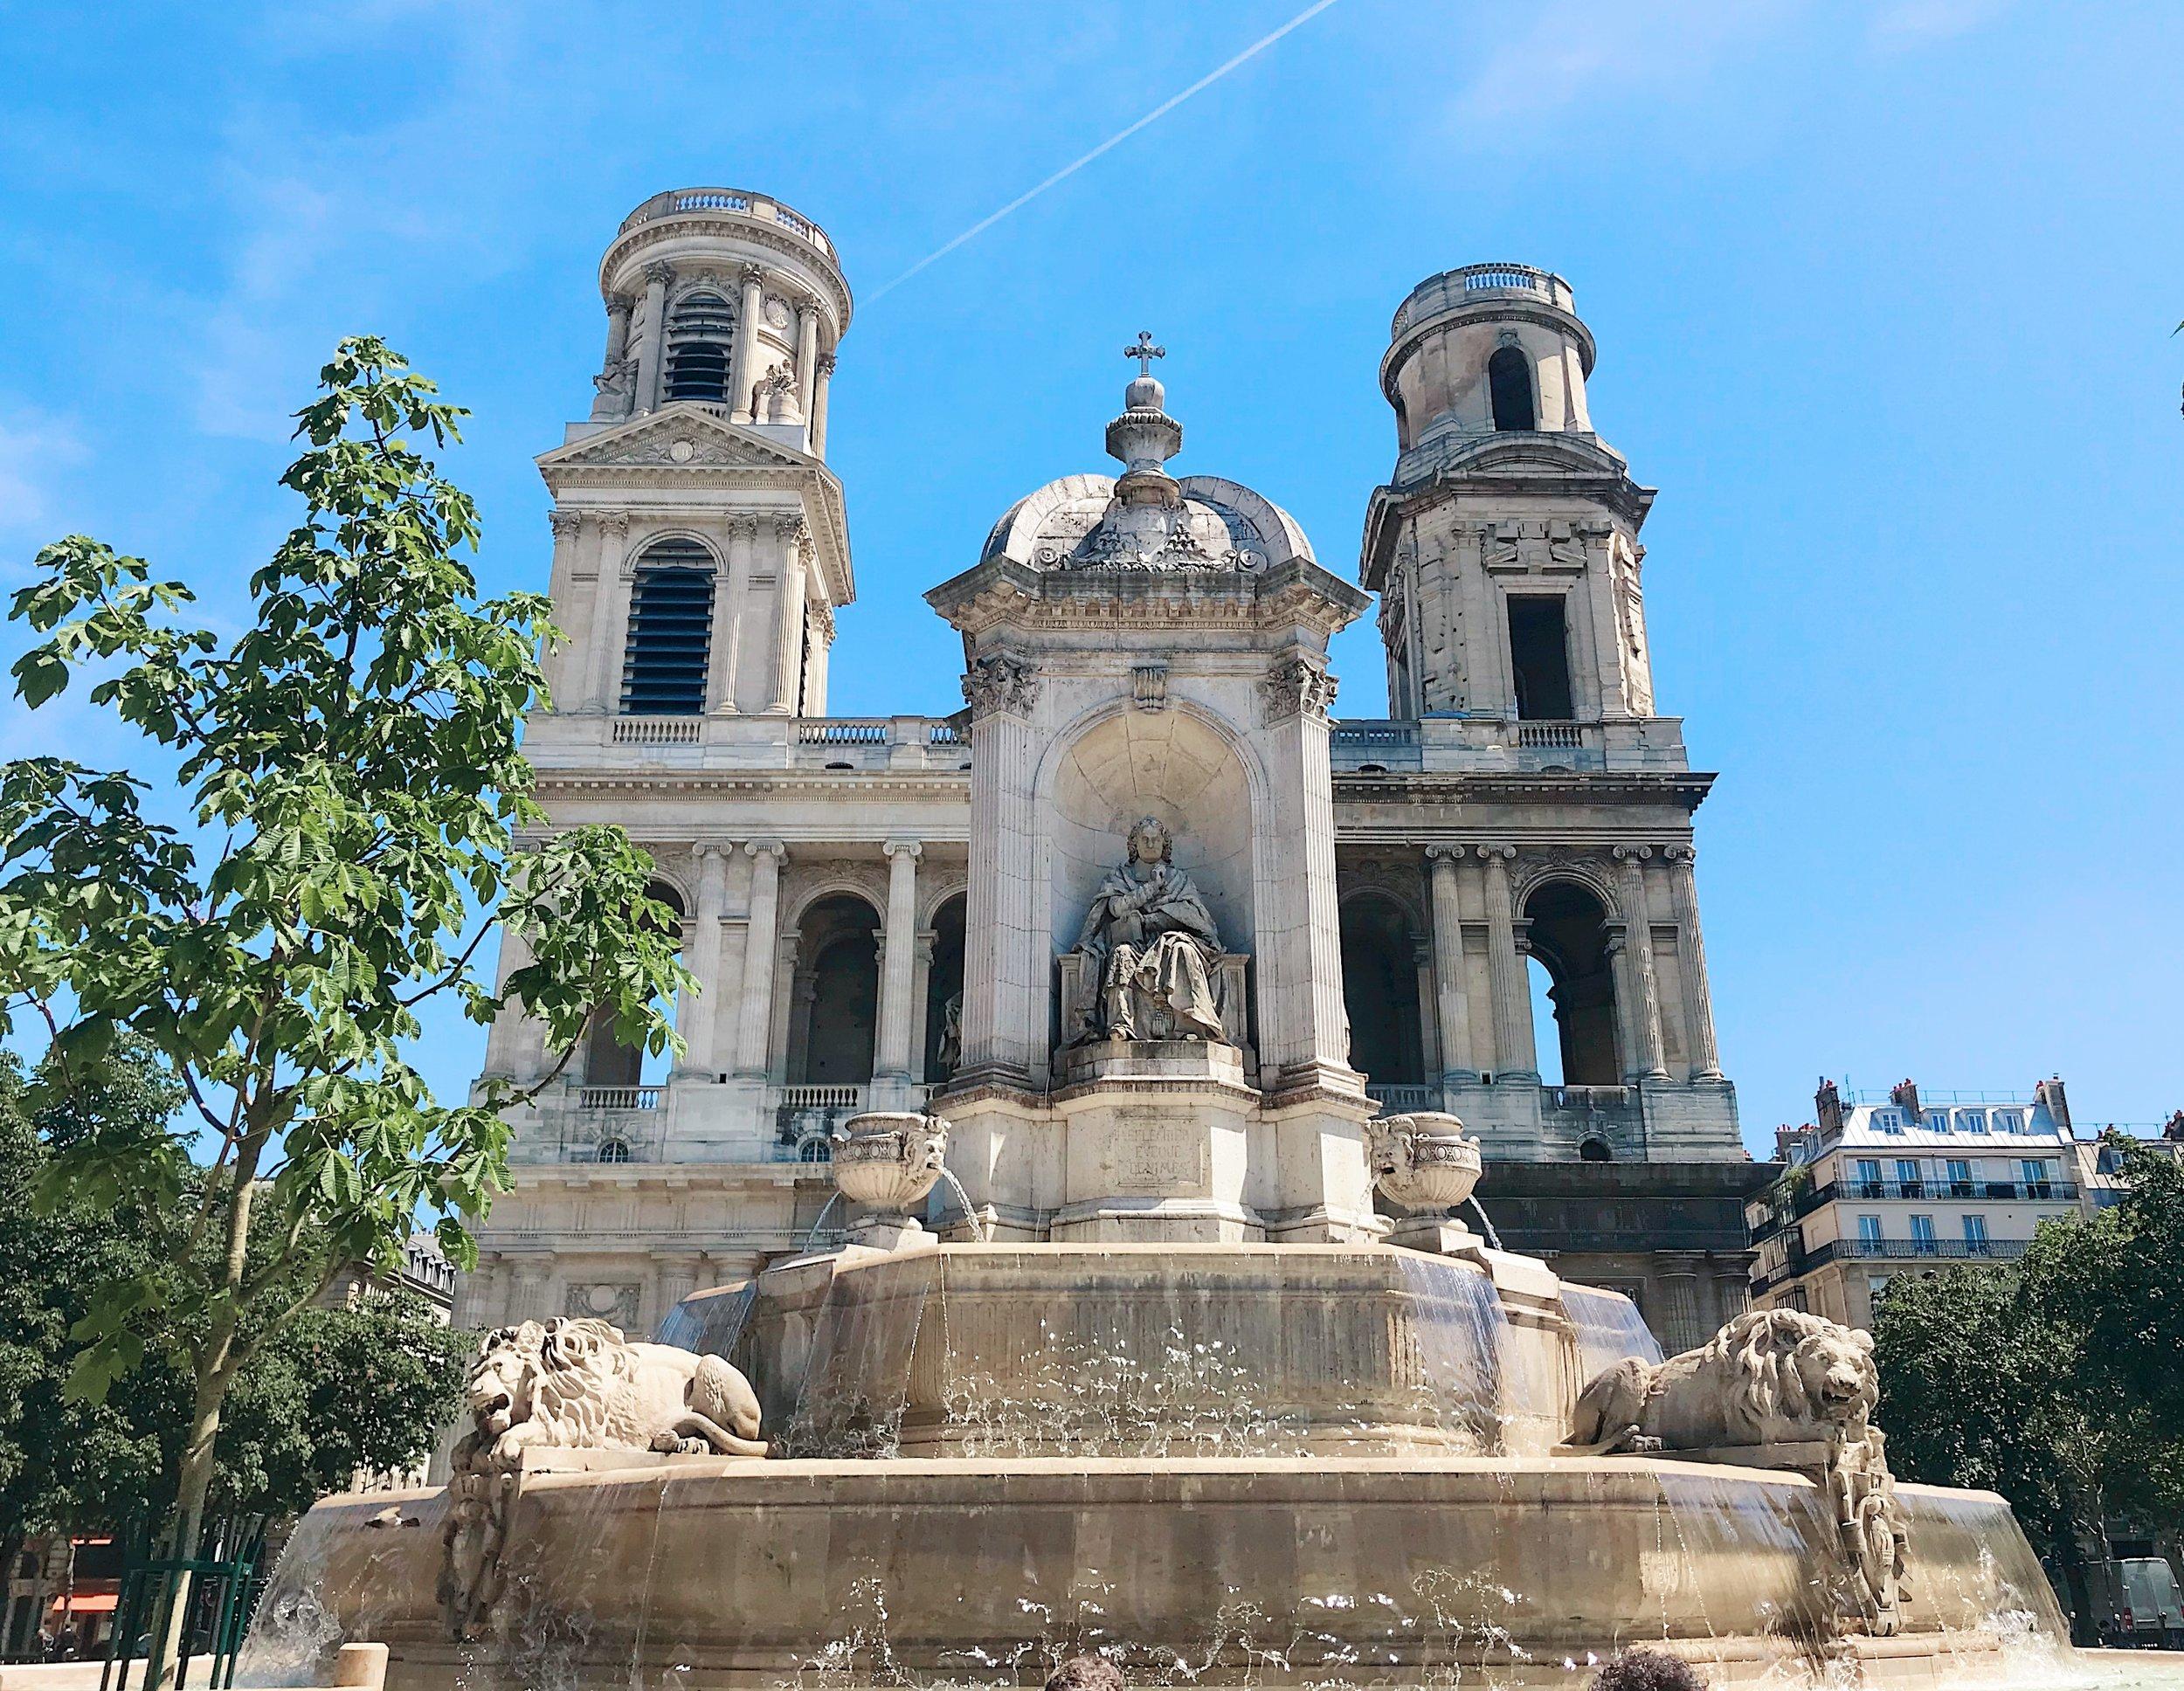 front facade, St. Sulpice, 6th Arrondissement, Paris